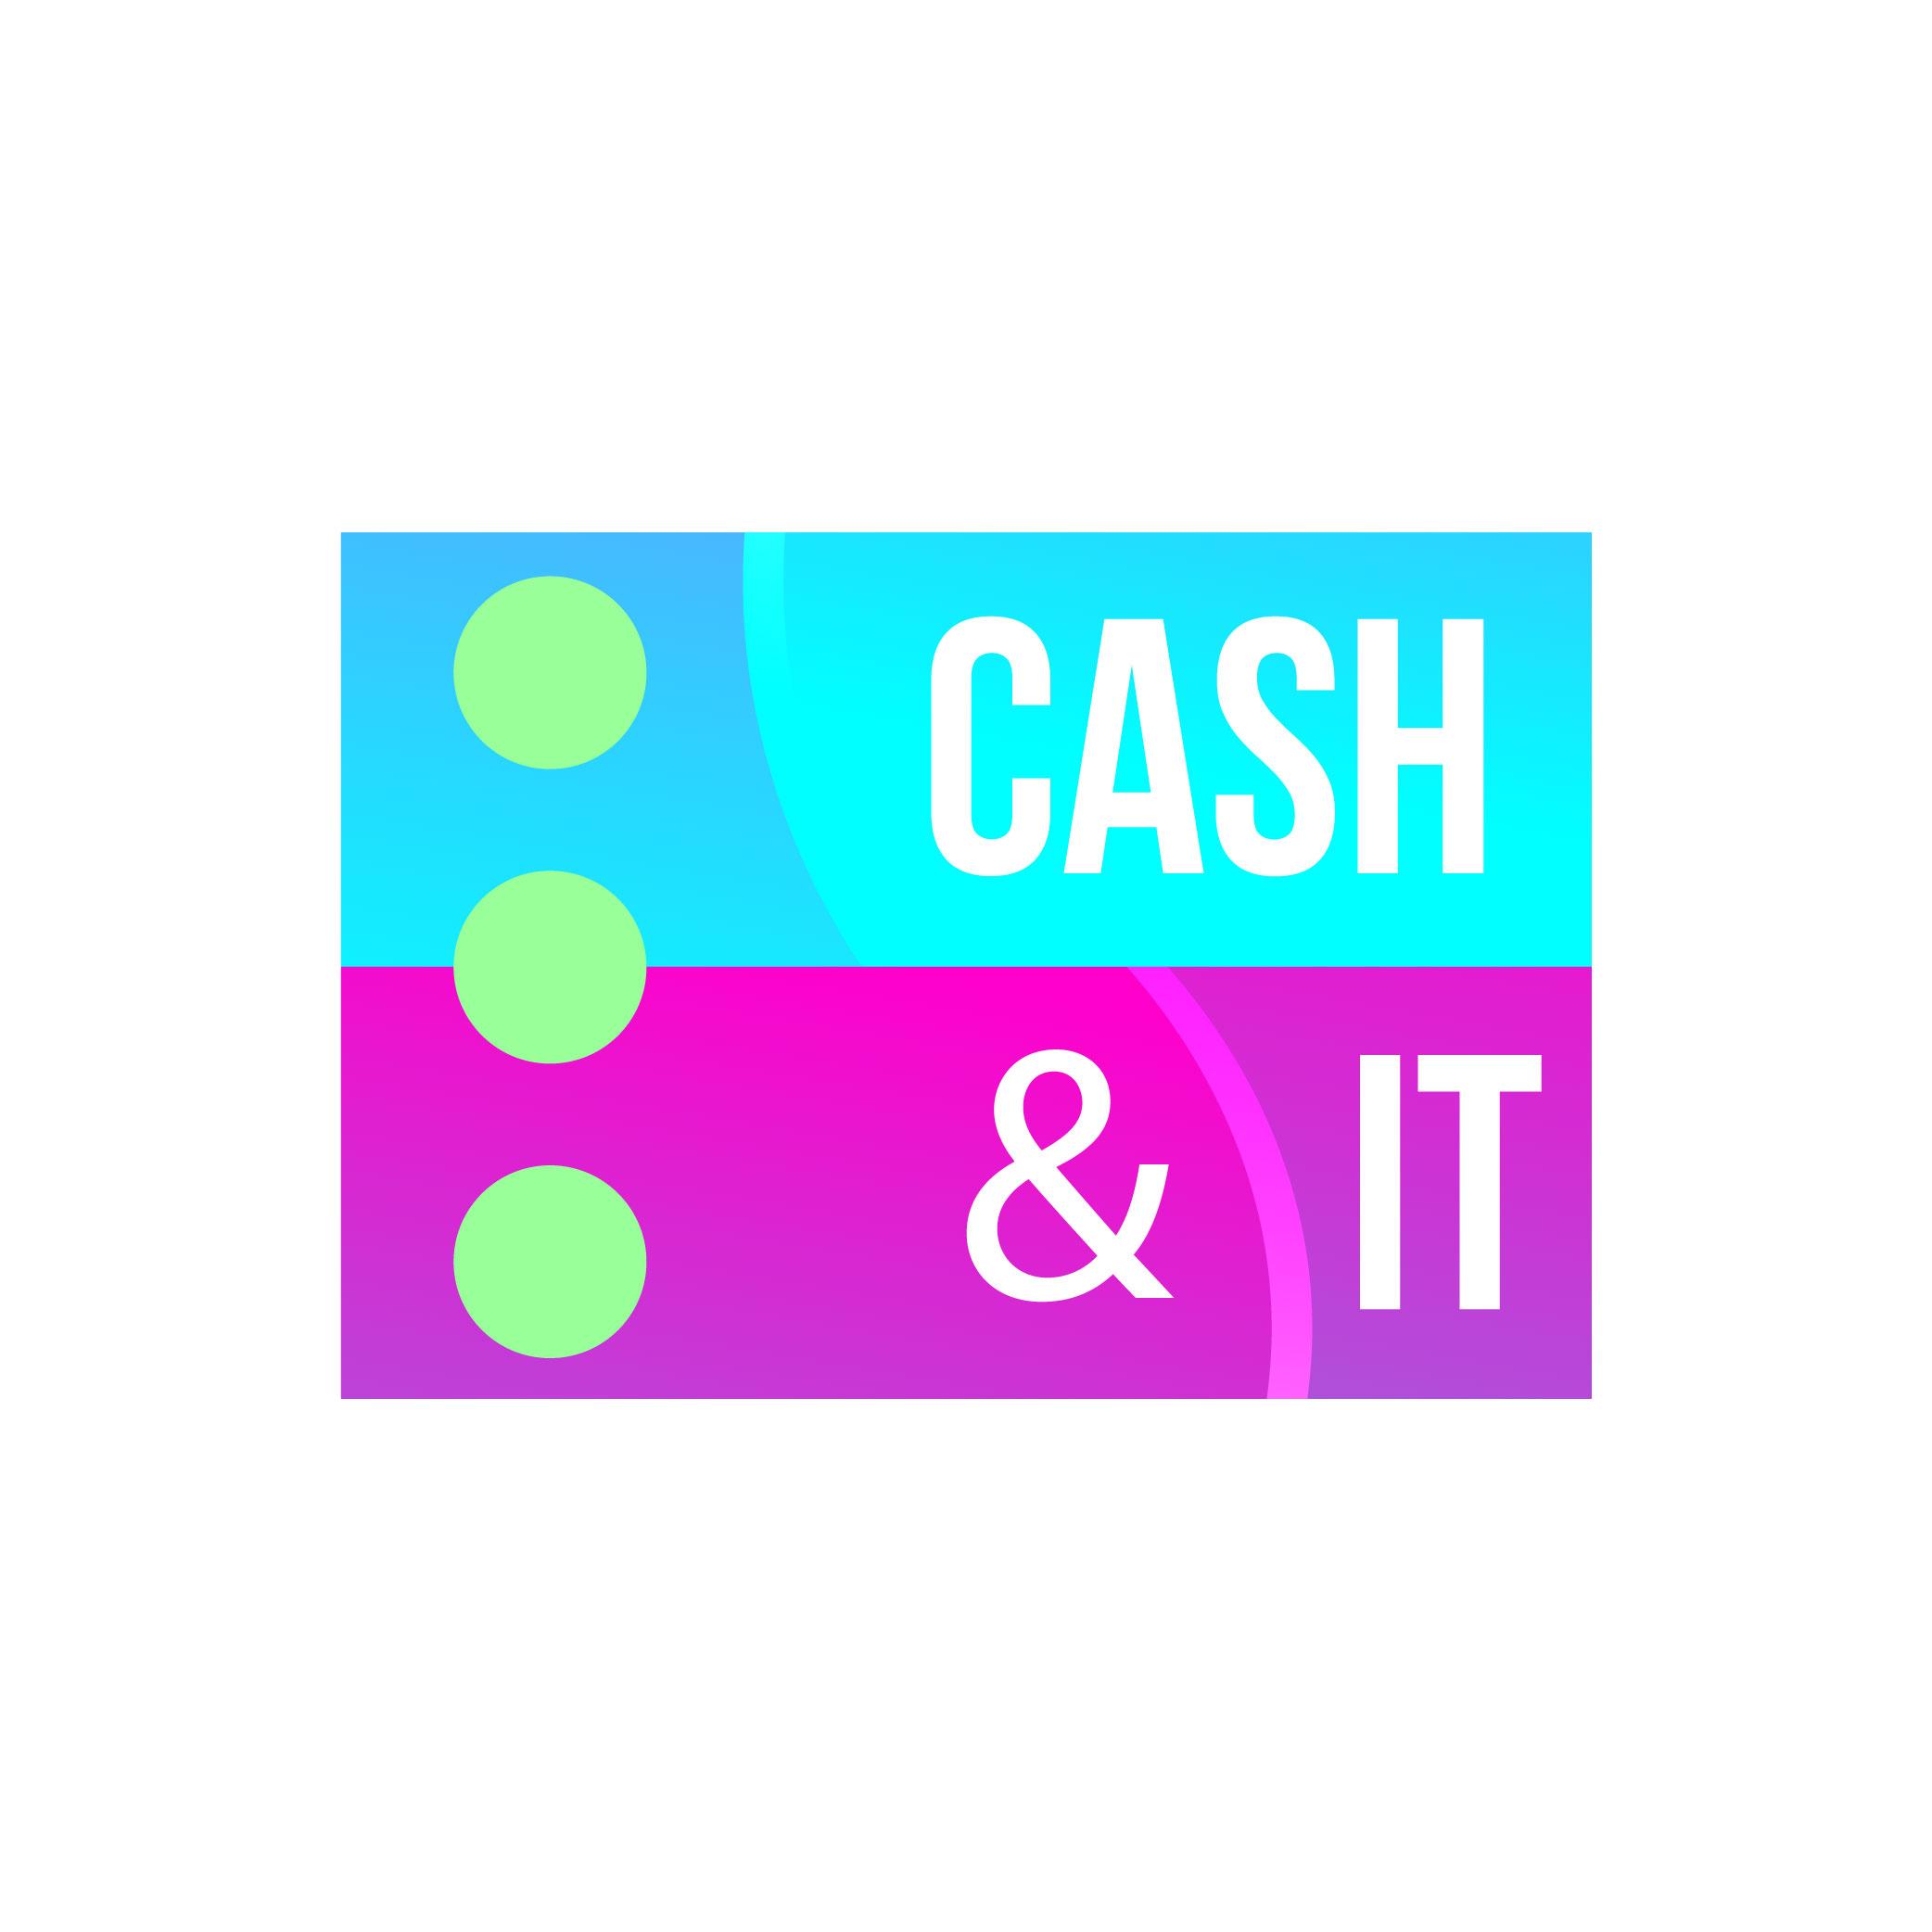 Логотип для Cash & IT - сервис доставки денег фото f_4145fd7bc35159ab.jpg